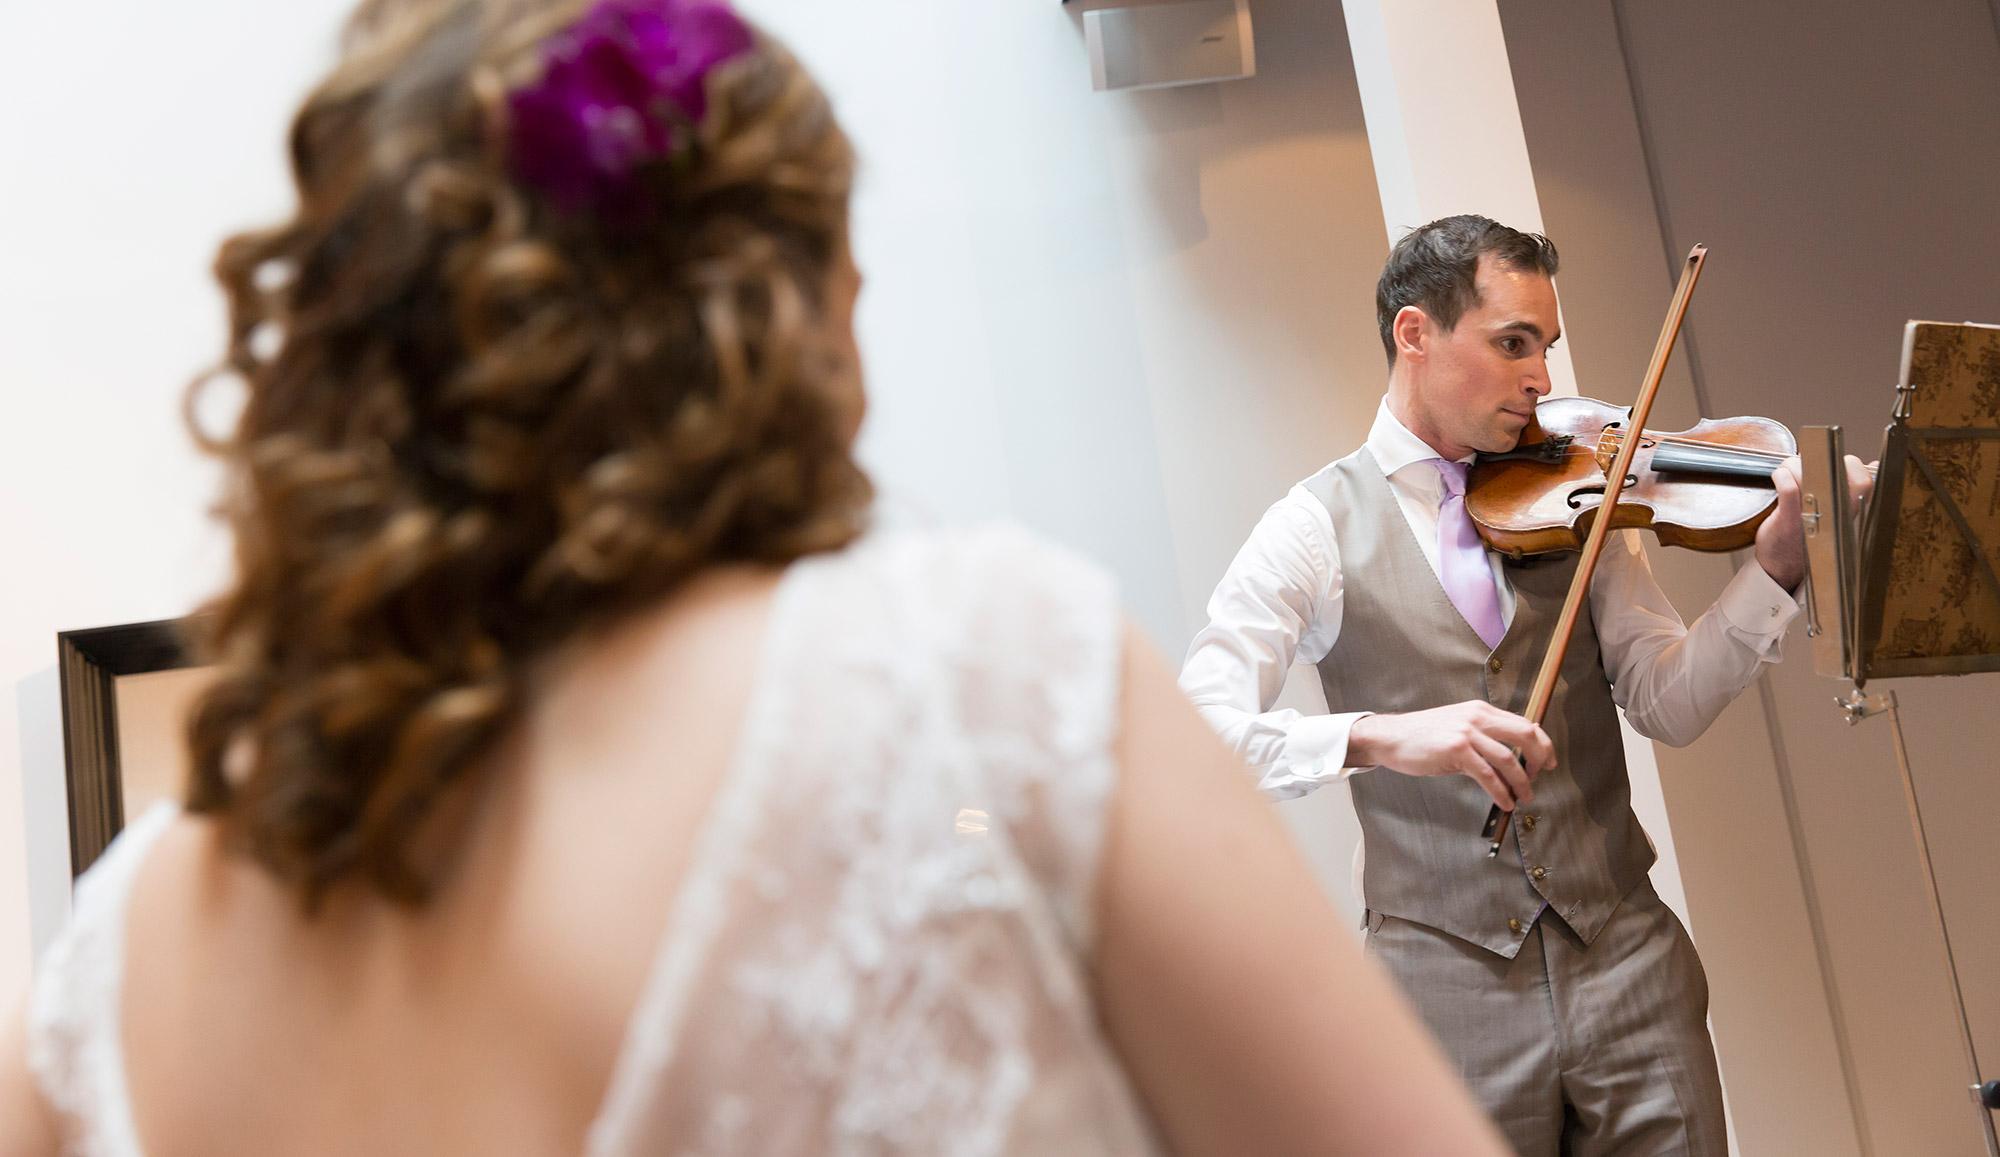 viool huwelijksceremonie muziek